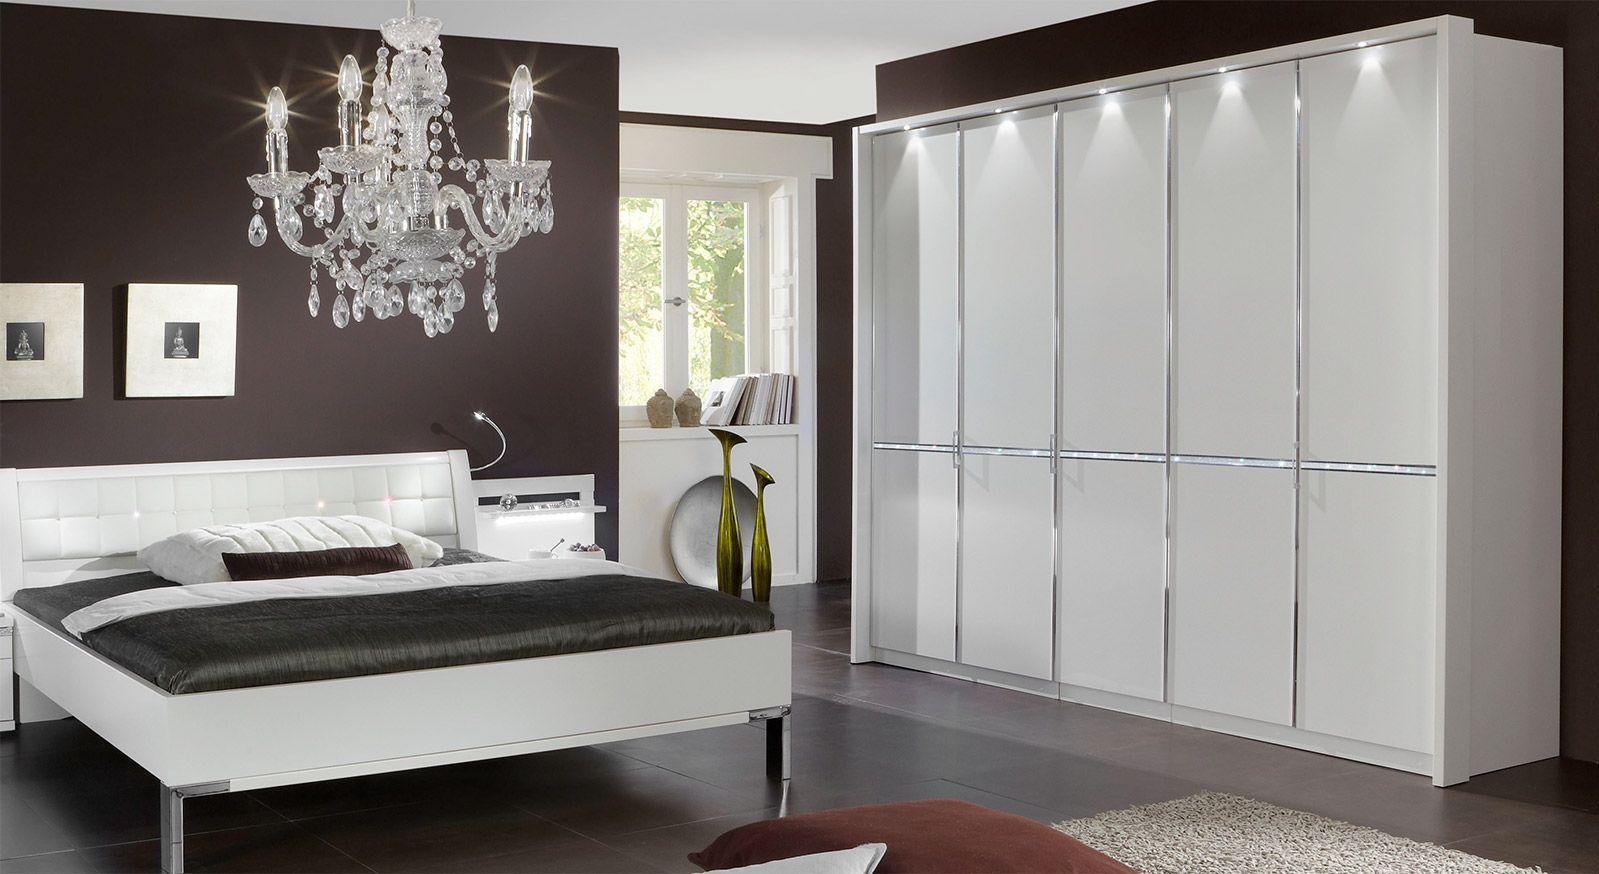 Drehtüren-Kleiderschrank Huddersfield mit Kristallstein-Zierleiste und Passepartout-Rahmen ohne Beleuchtung